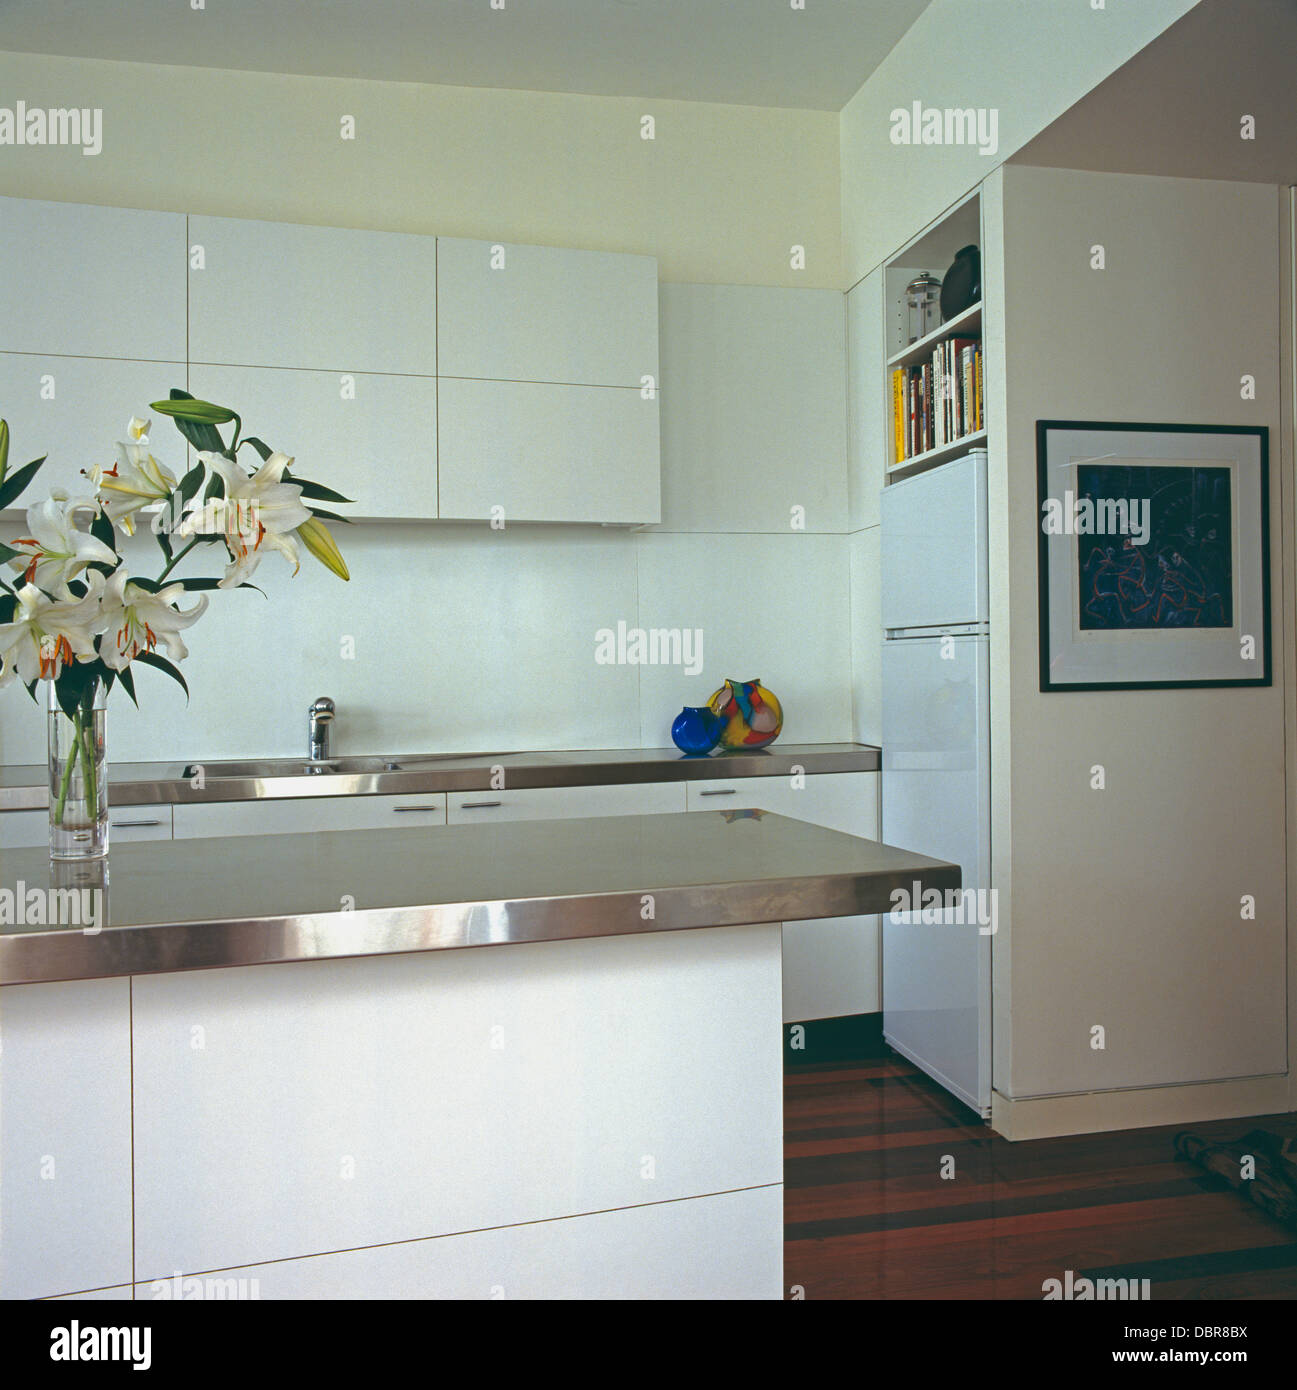 Jjo Urban Kitchen Modern Fitted Kitchens: Stainless Steel Worktop On Island Unit In Modern White